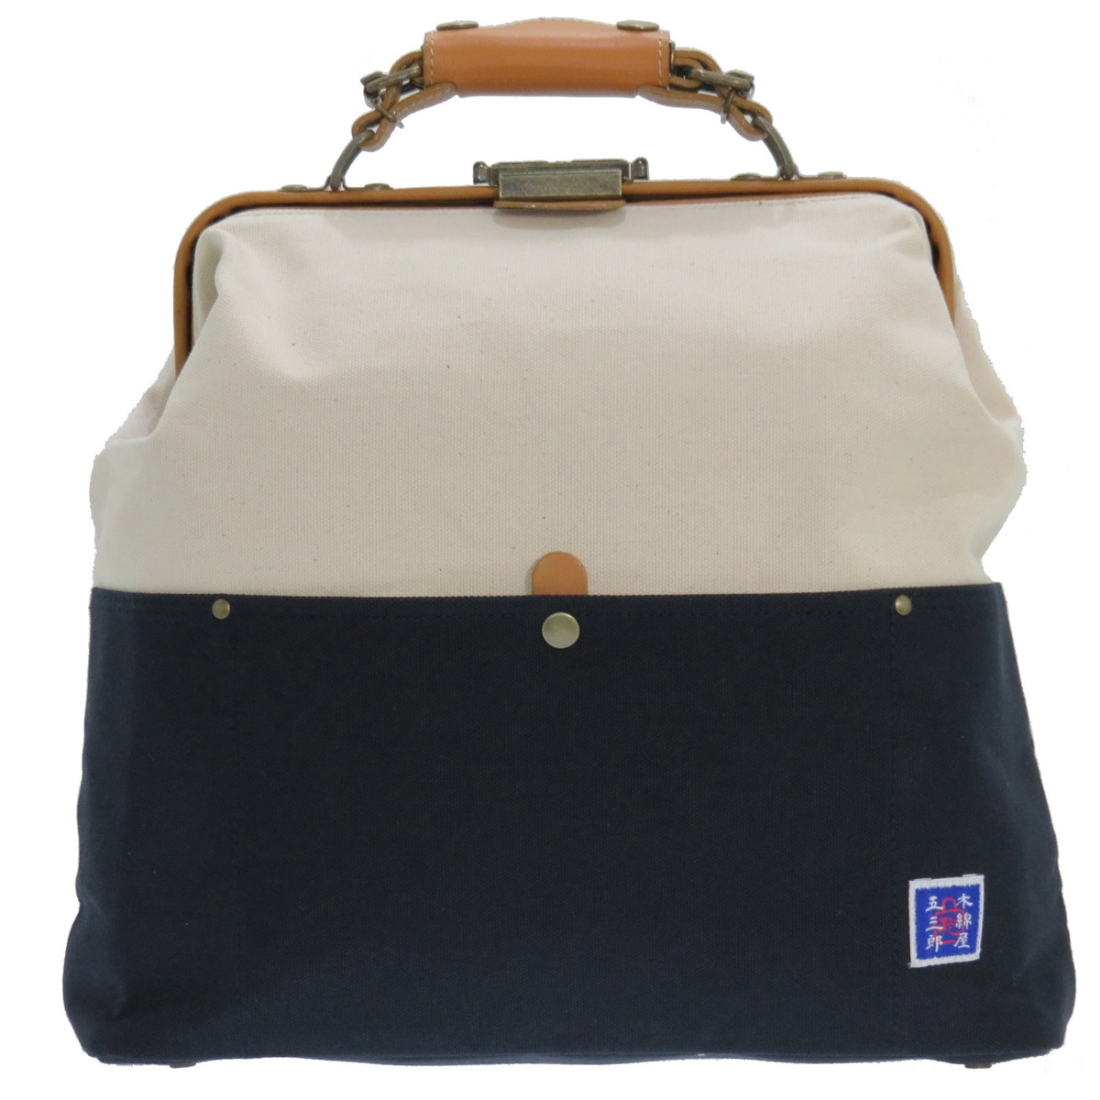 おしゃれ デザイン リュック 旅行用 リュックサック 日本 鞄 トラベル バッグ帆布コンビダレスリュック 旅行用 リュックサック  生成×ネイビー 日本製